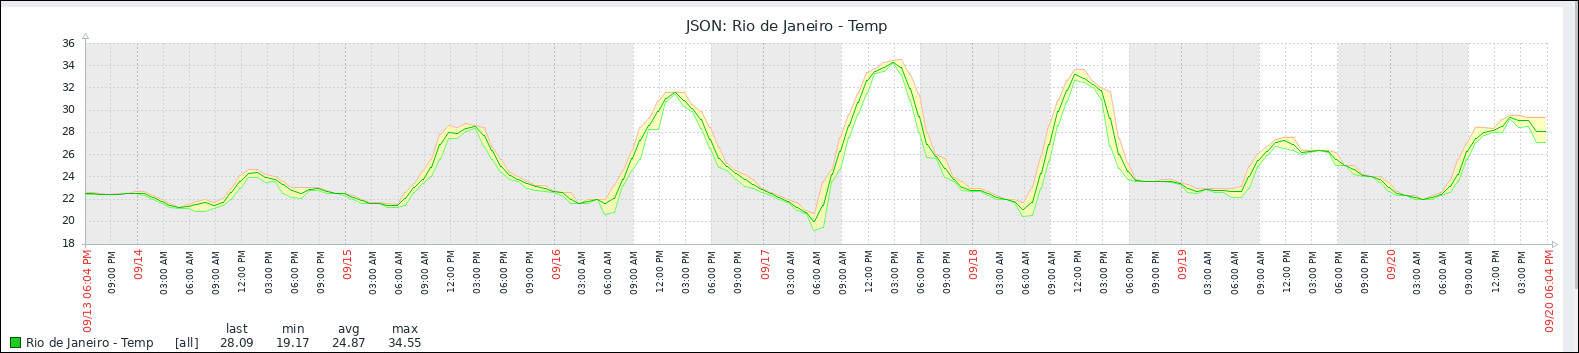 zabbix graph weather monitoring